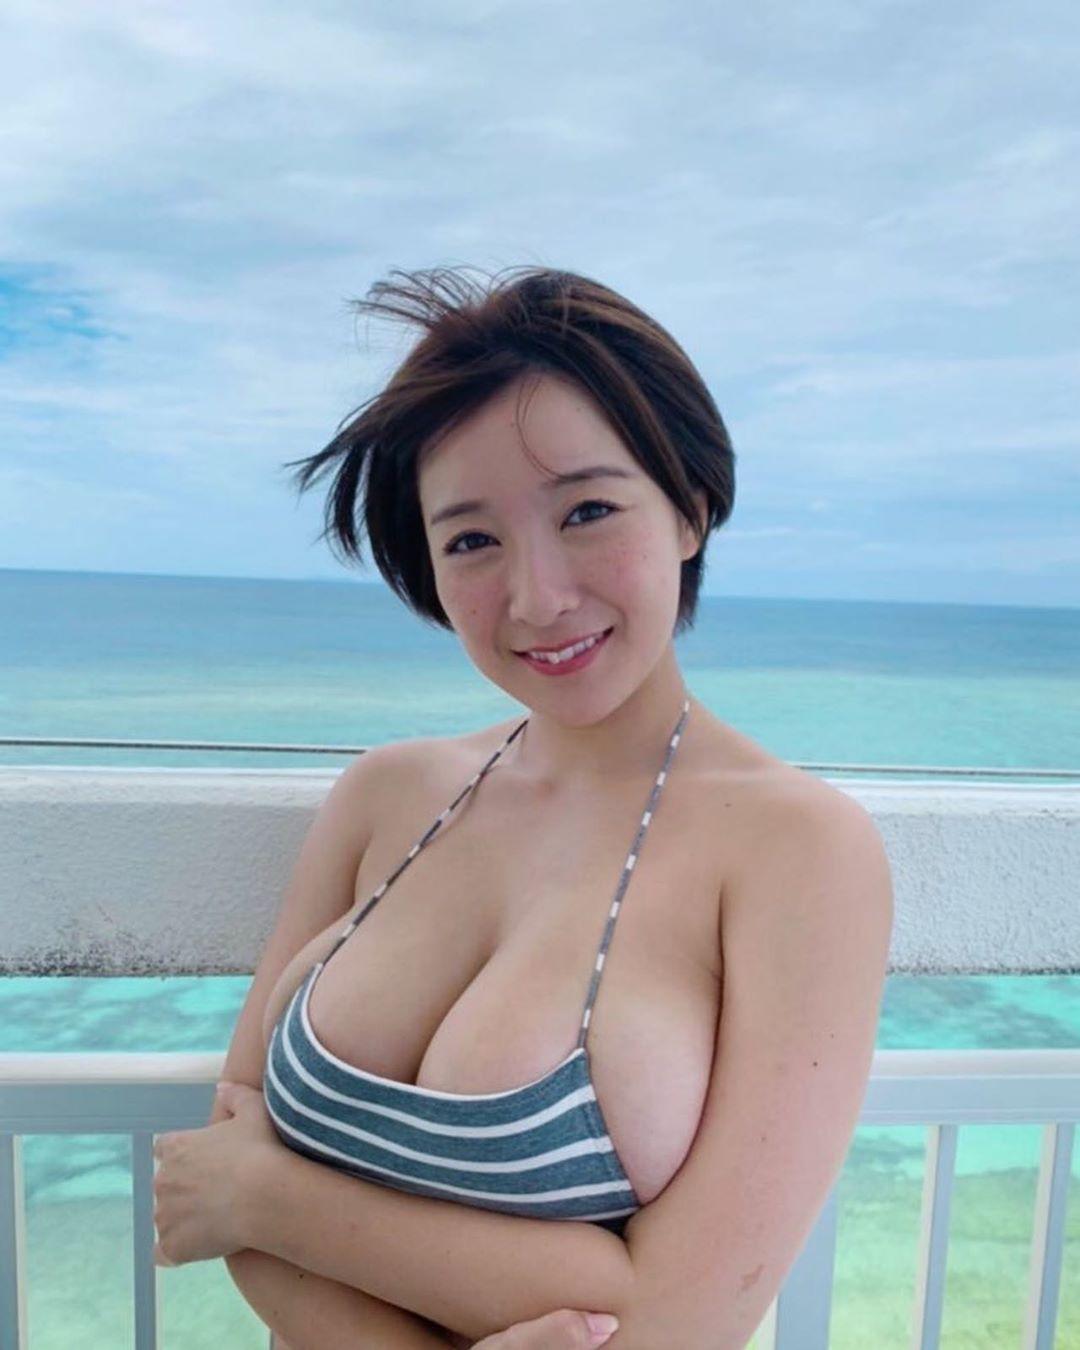 konno_shiori190.jpg